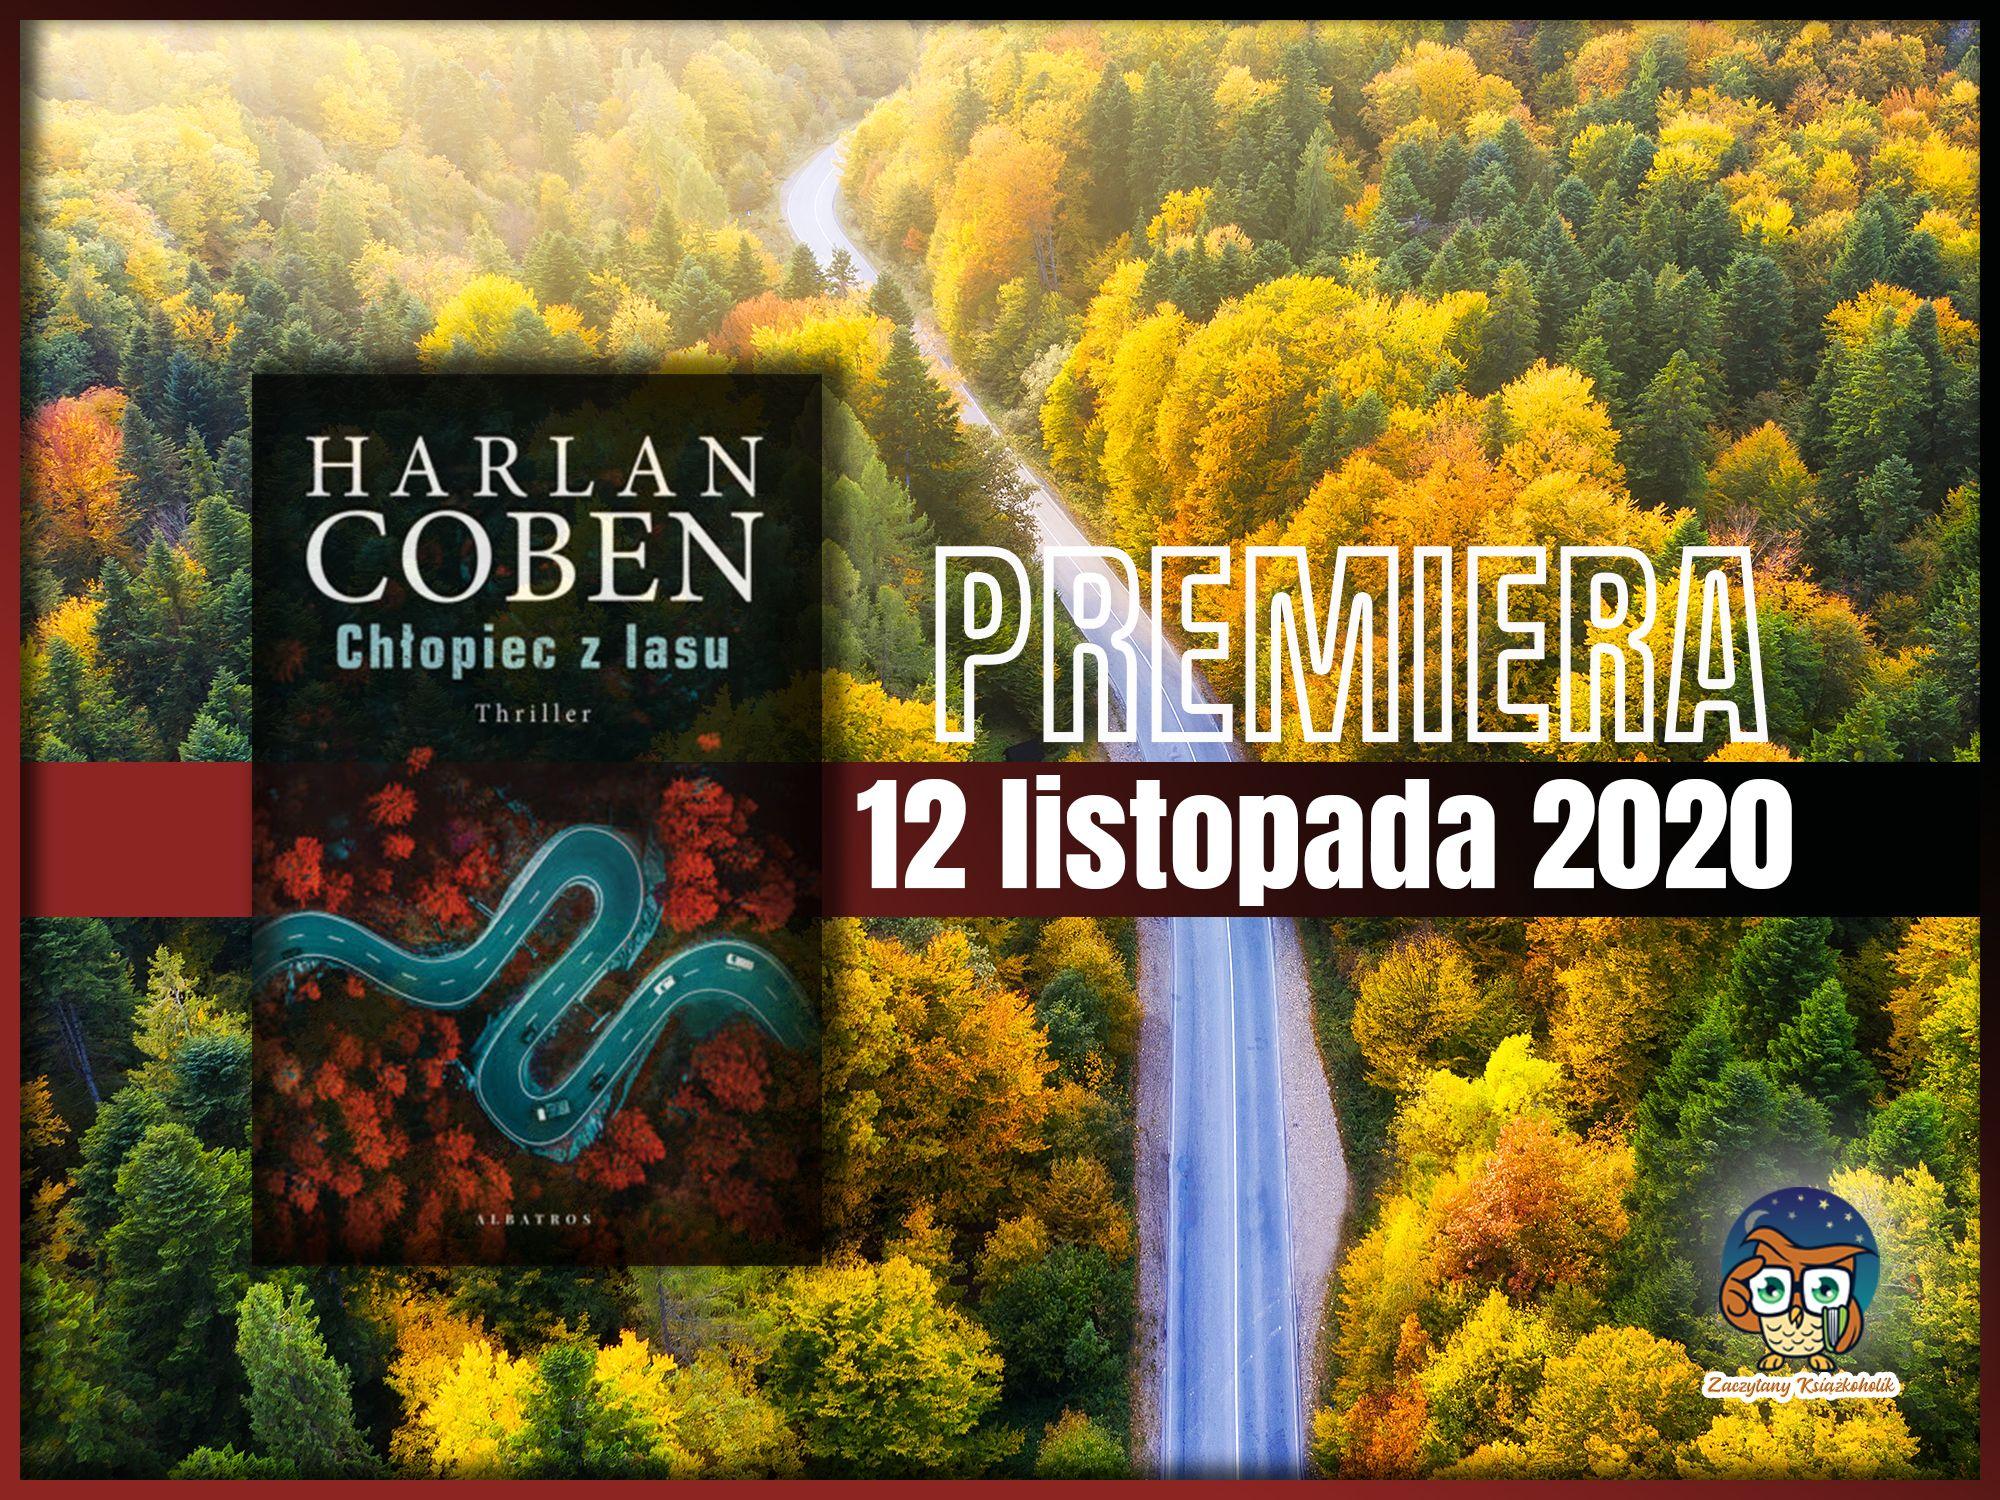 Chłopiec z lasu, Harlan Coben, zaczytanyksiazkoholik.pl